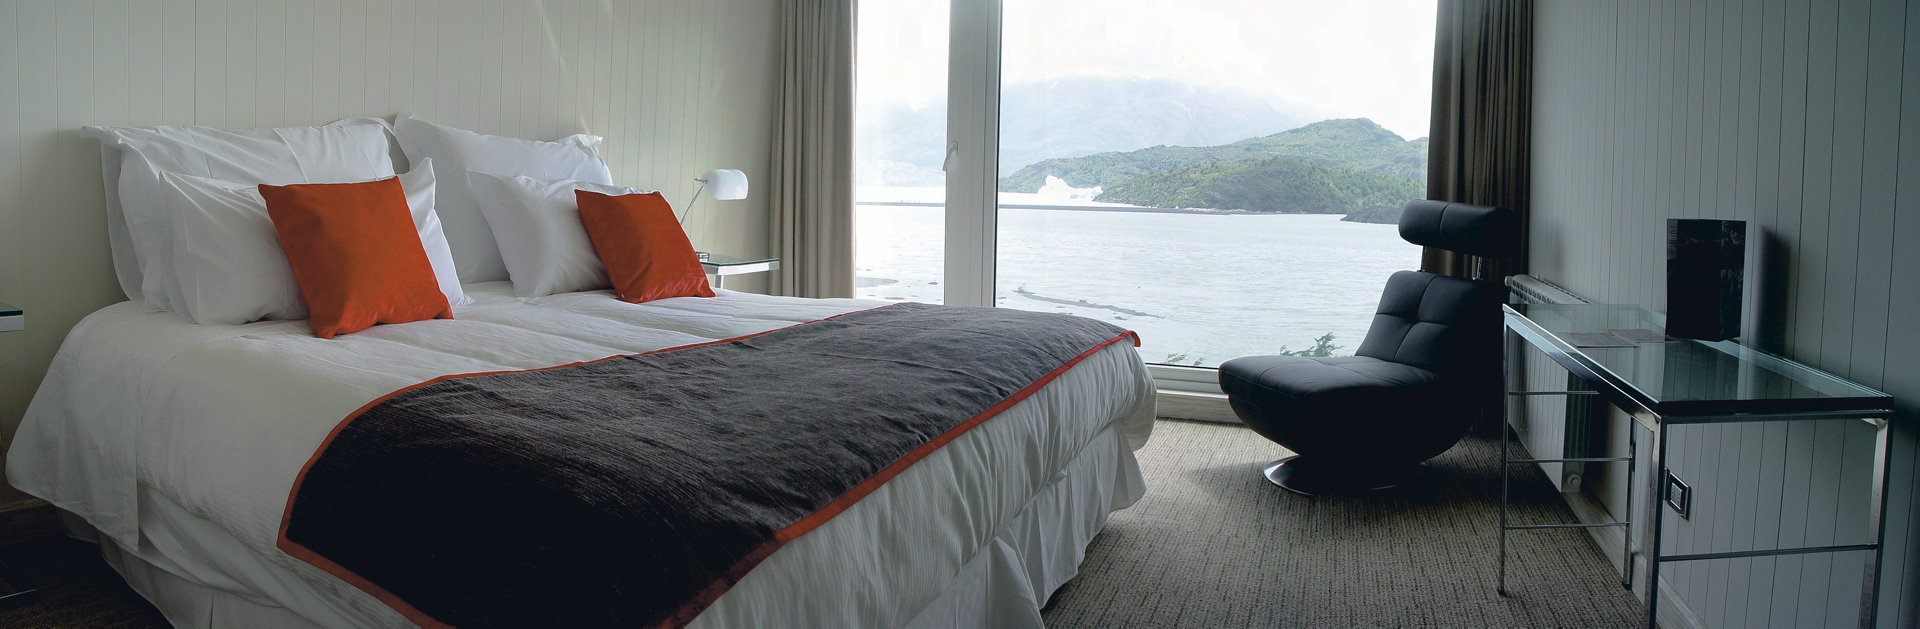 Superior-Zimmer im Hotel Lago Grey